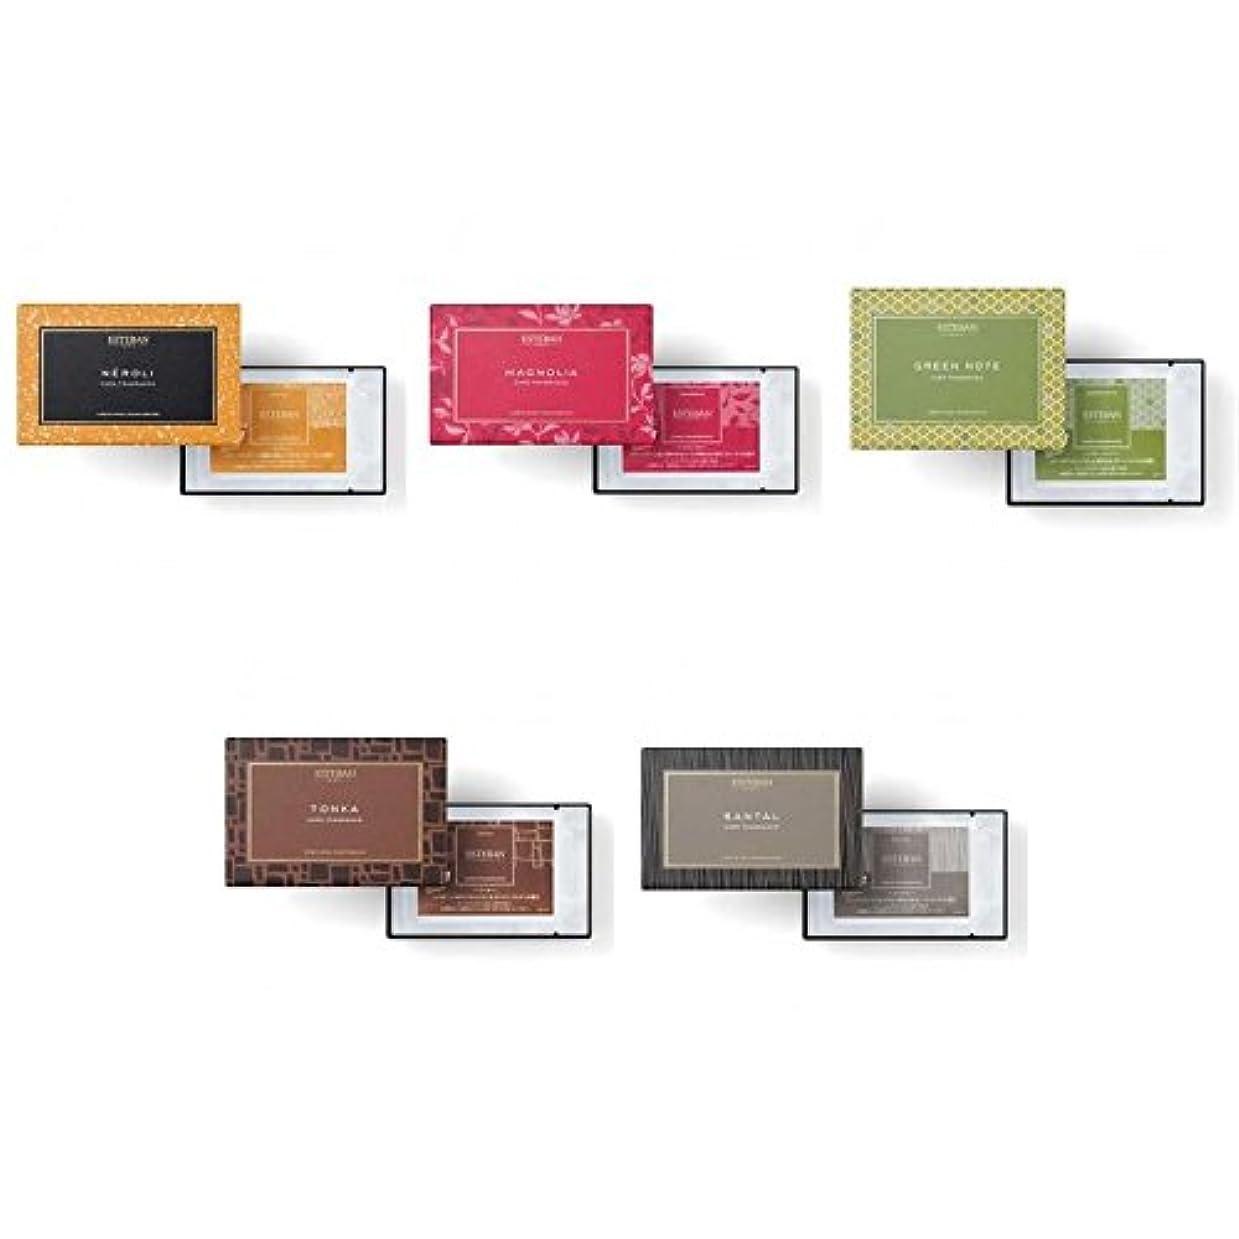 プラスチックヒューム平和エステバン カードフレグランス 5種セット